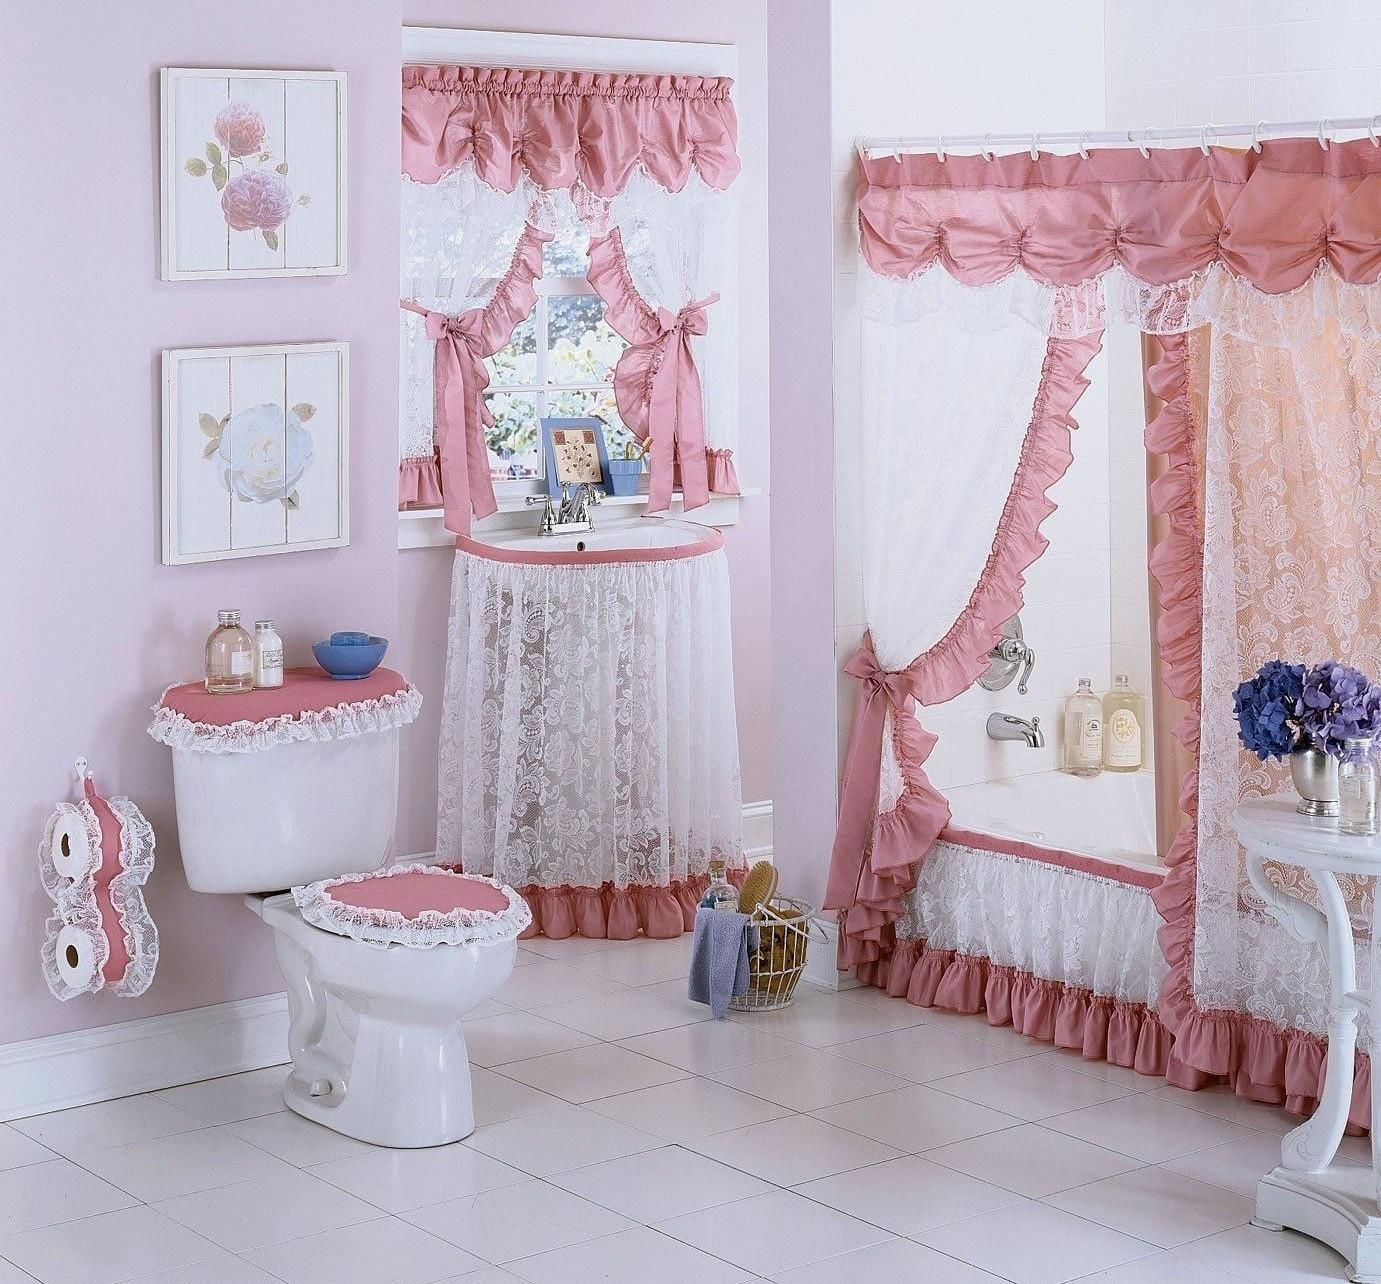 Штора для окна ванной своими руками